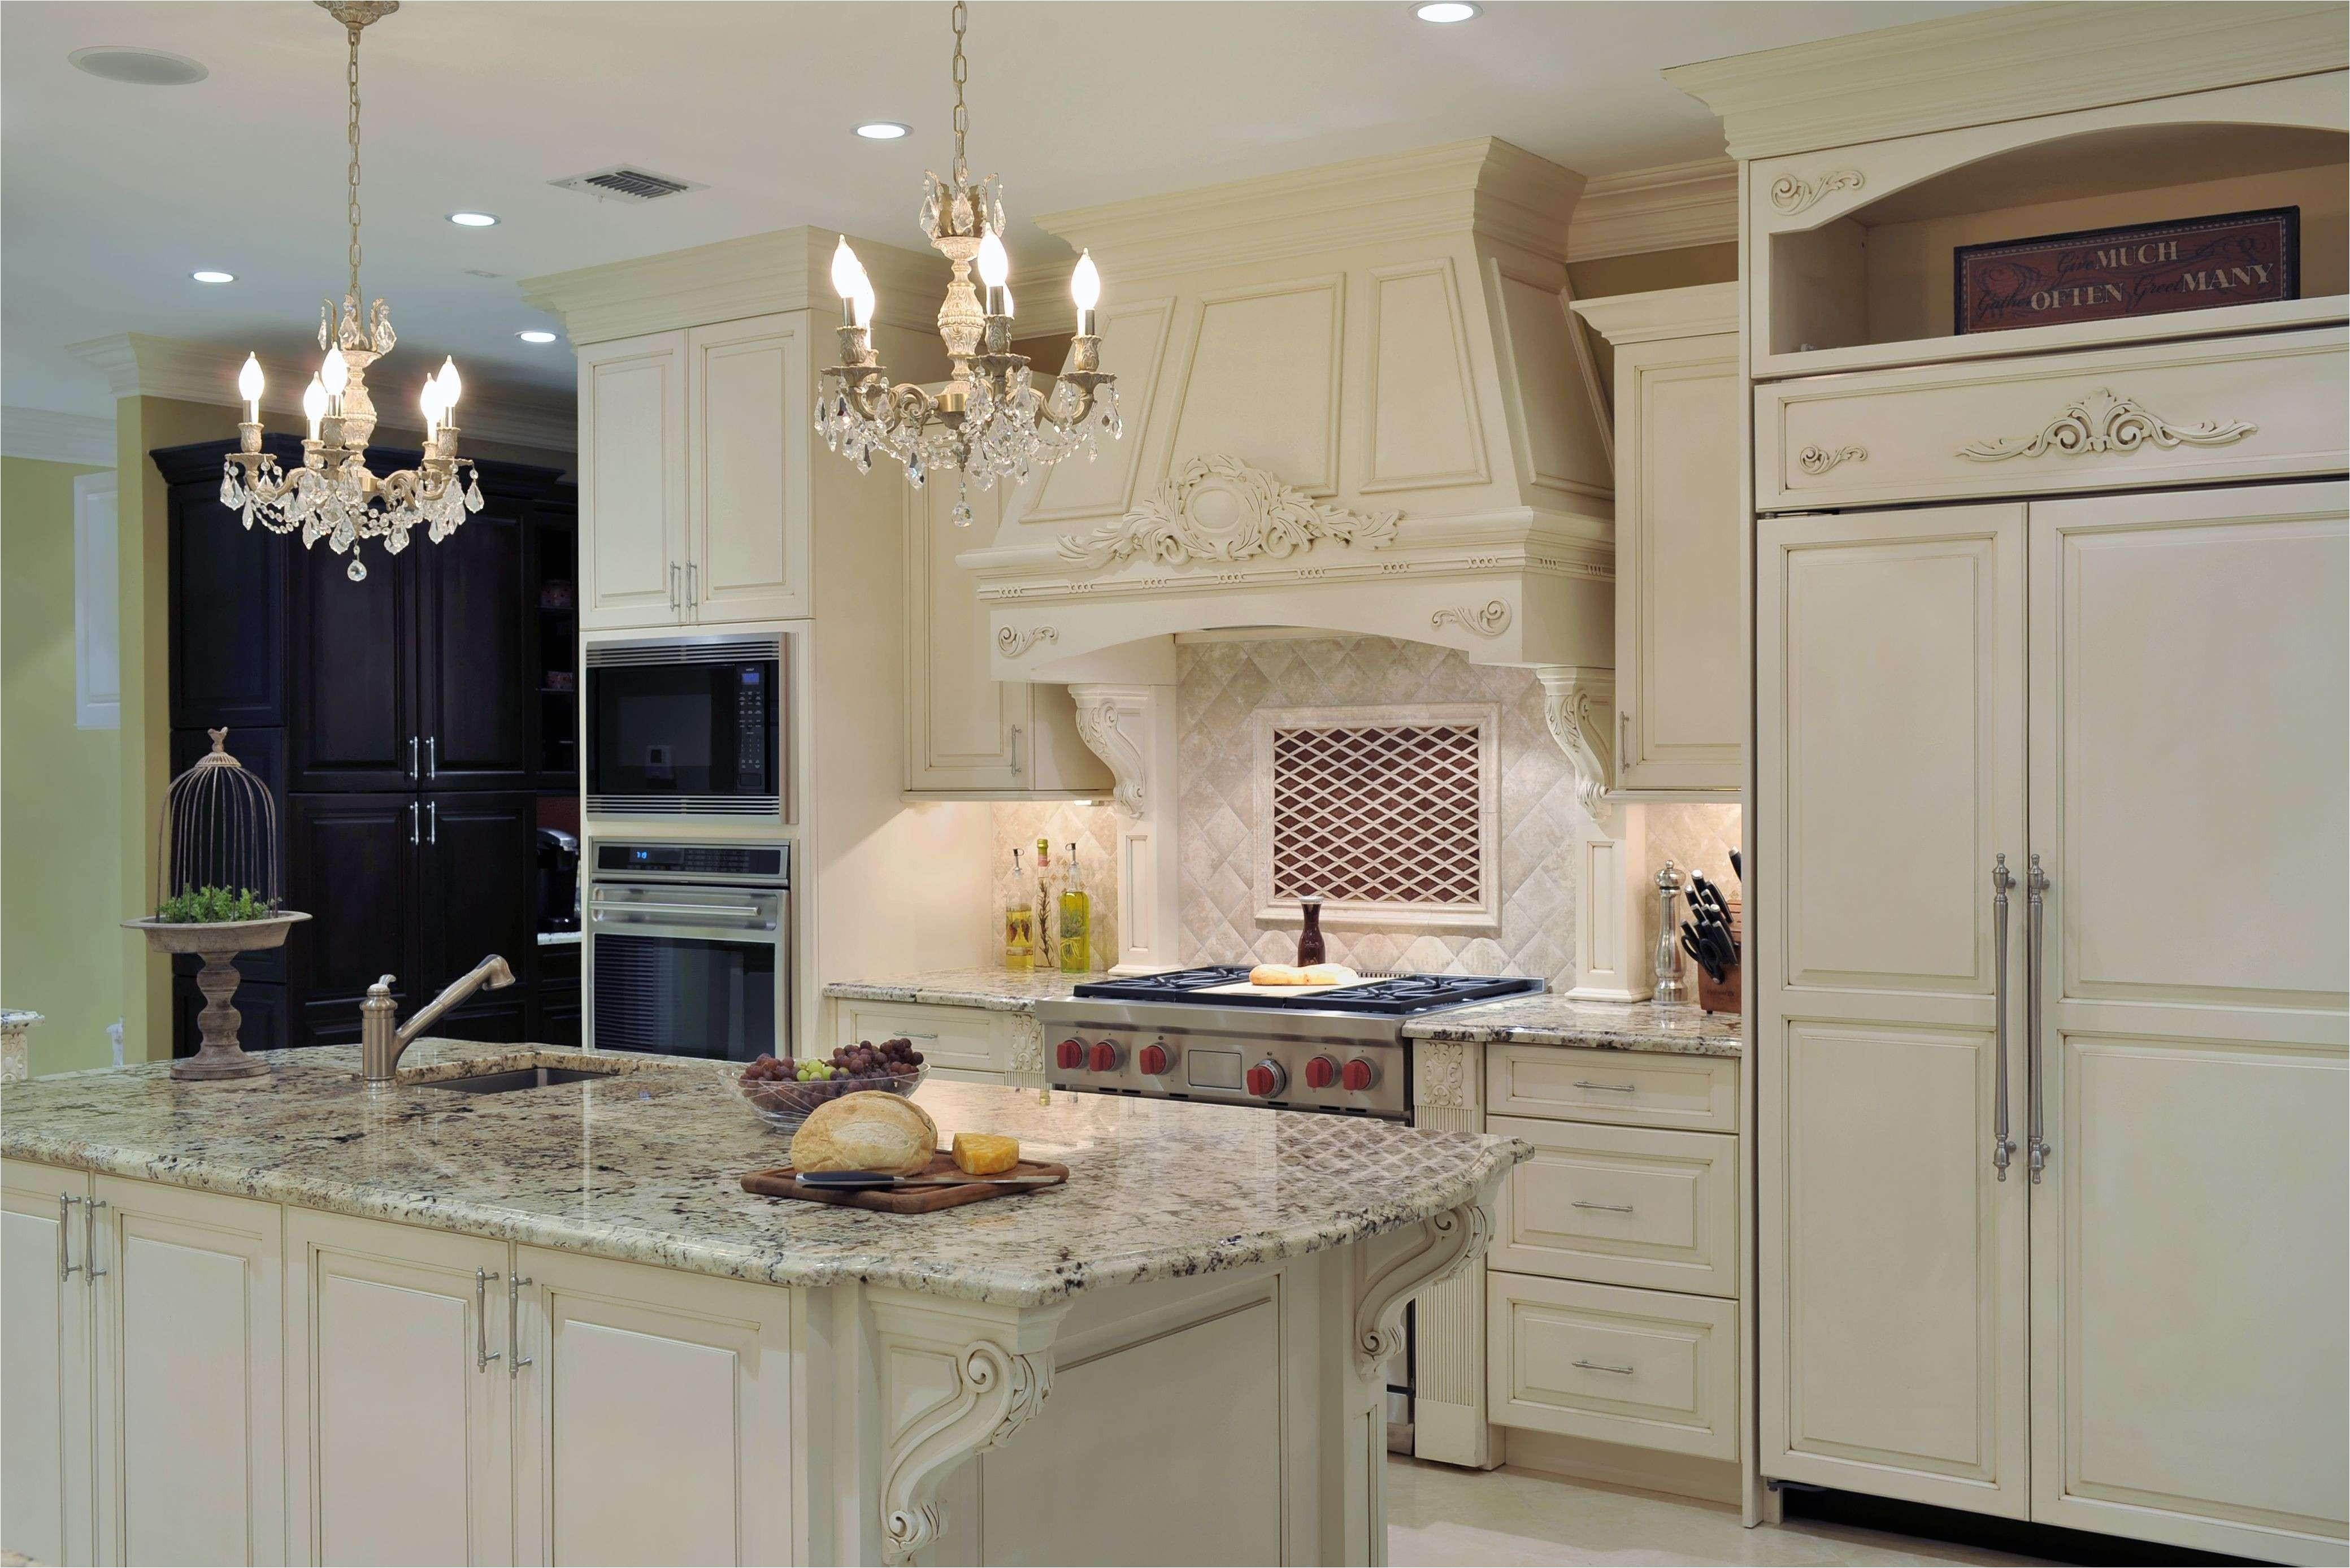 Diy Pallet Kitchen Cabinets Ideal Exclusive Kitchen Designs Alluring Kitchen Cabinet 0d Bright Lights